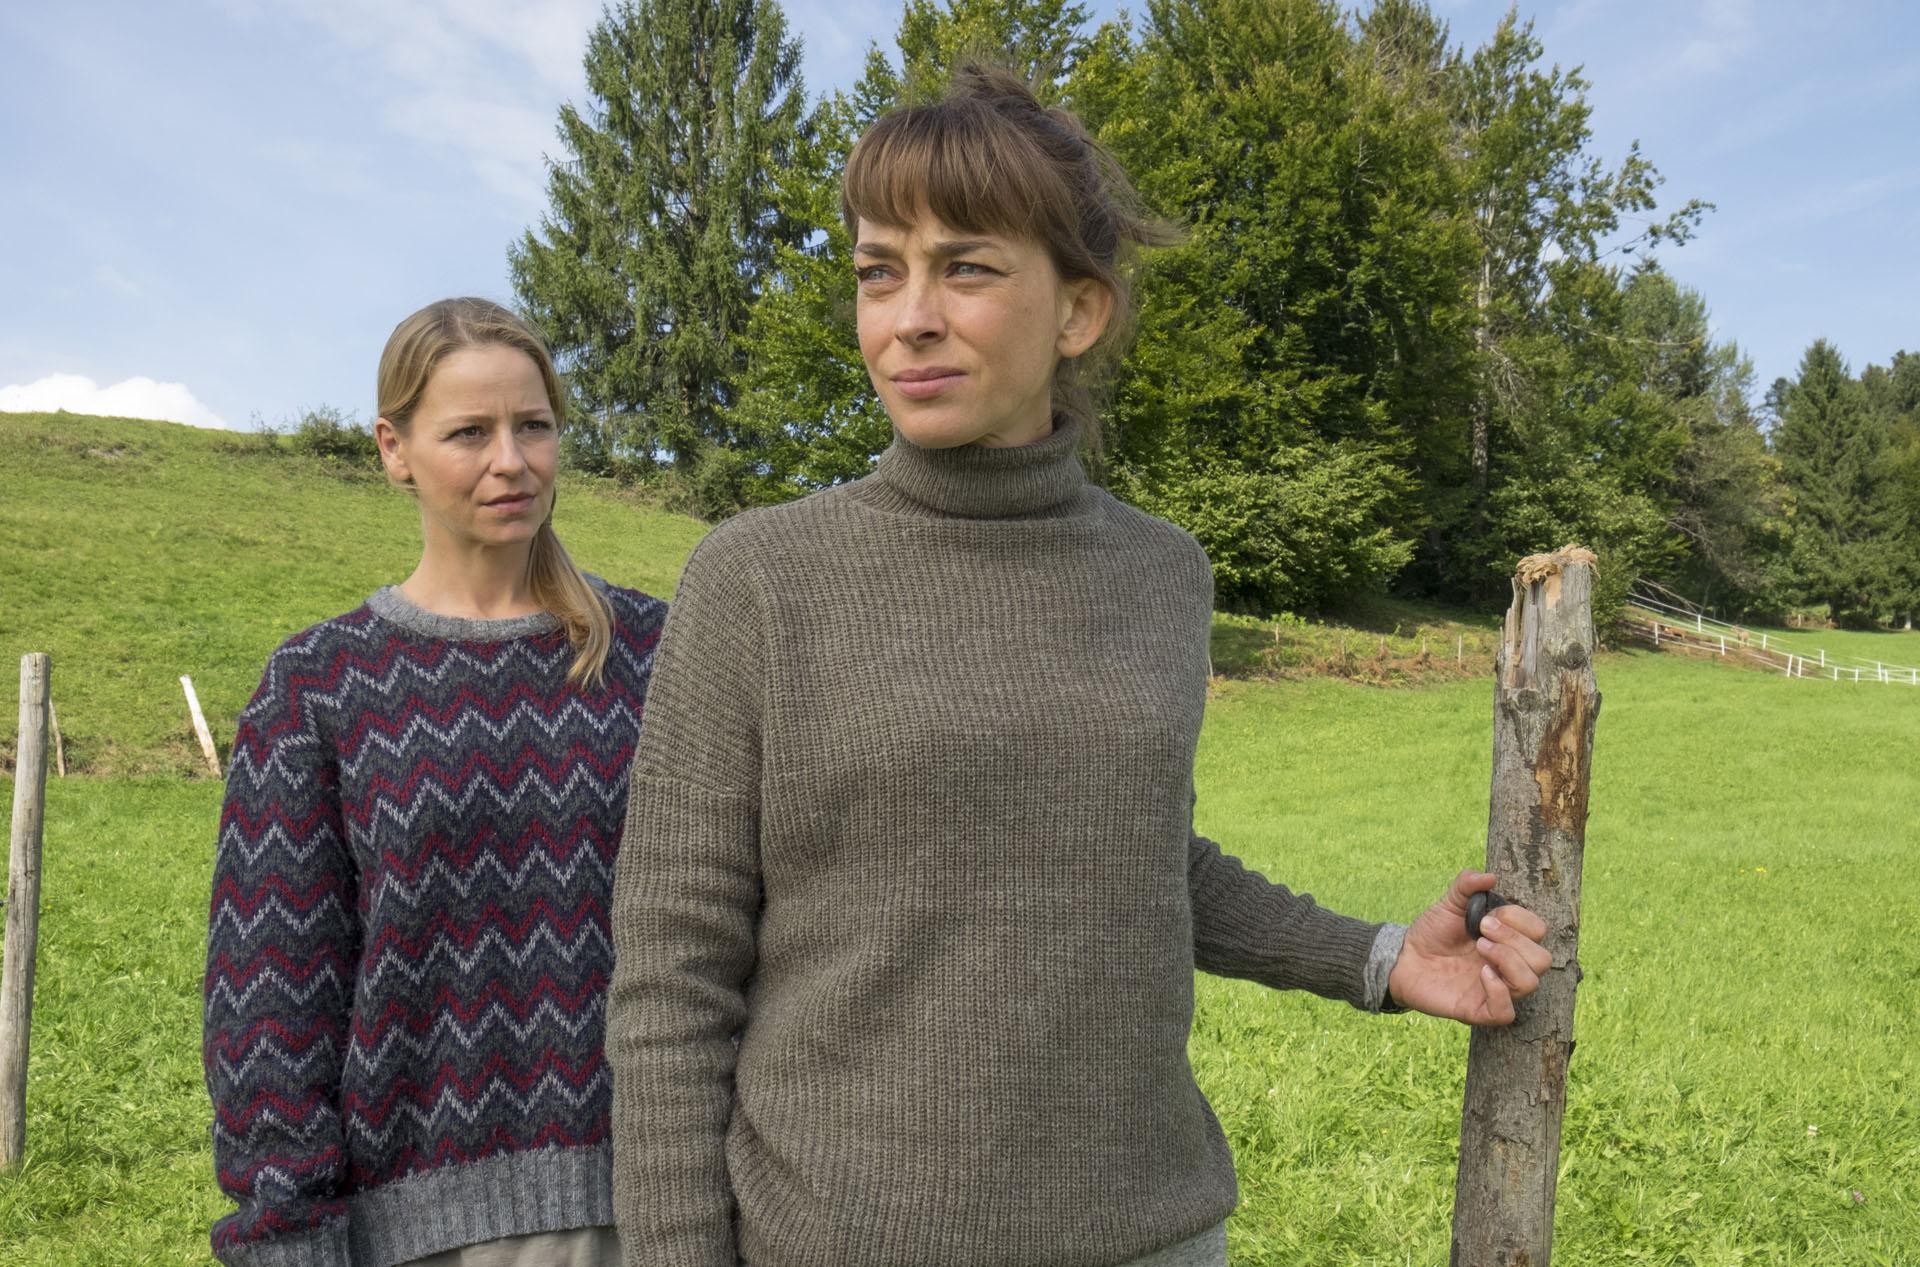 Daheim In Den Bergen Liebesreigen Degeto Film Gmbh